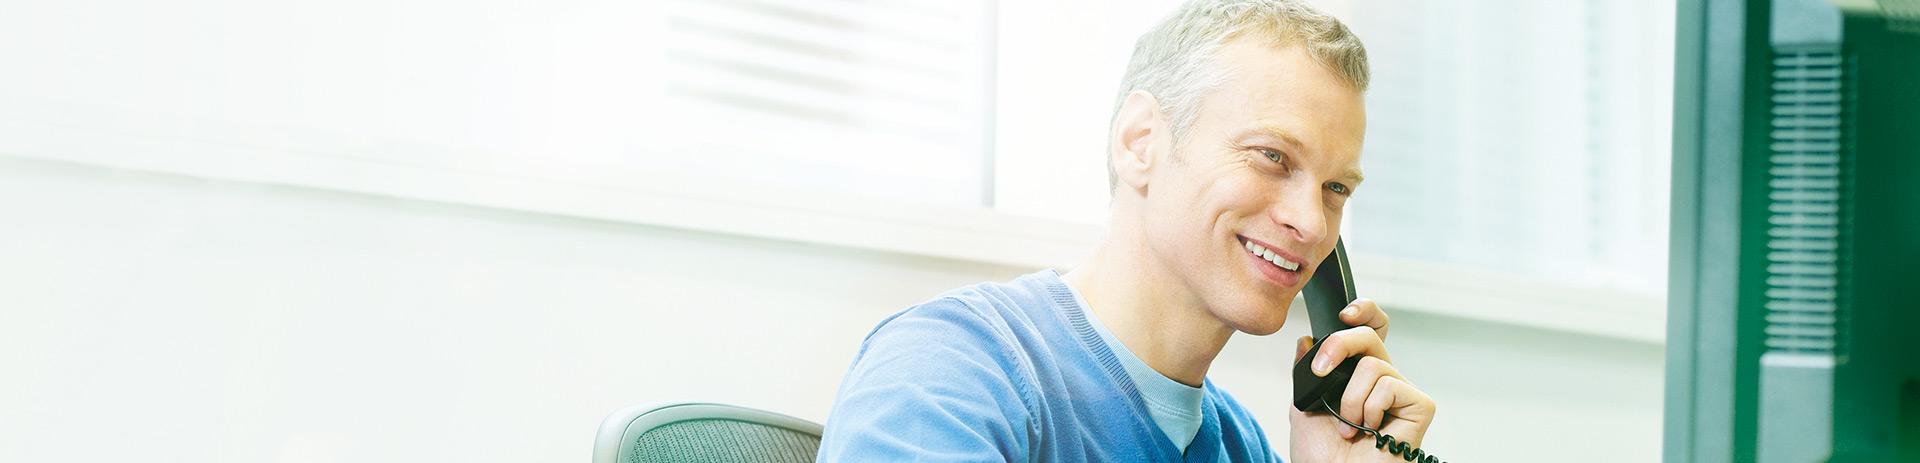 Mann im legeren Businessoutfit sitzt an seinem Schreibtisch und telefoniert mit dem Festnetztelefon